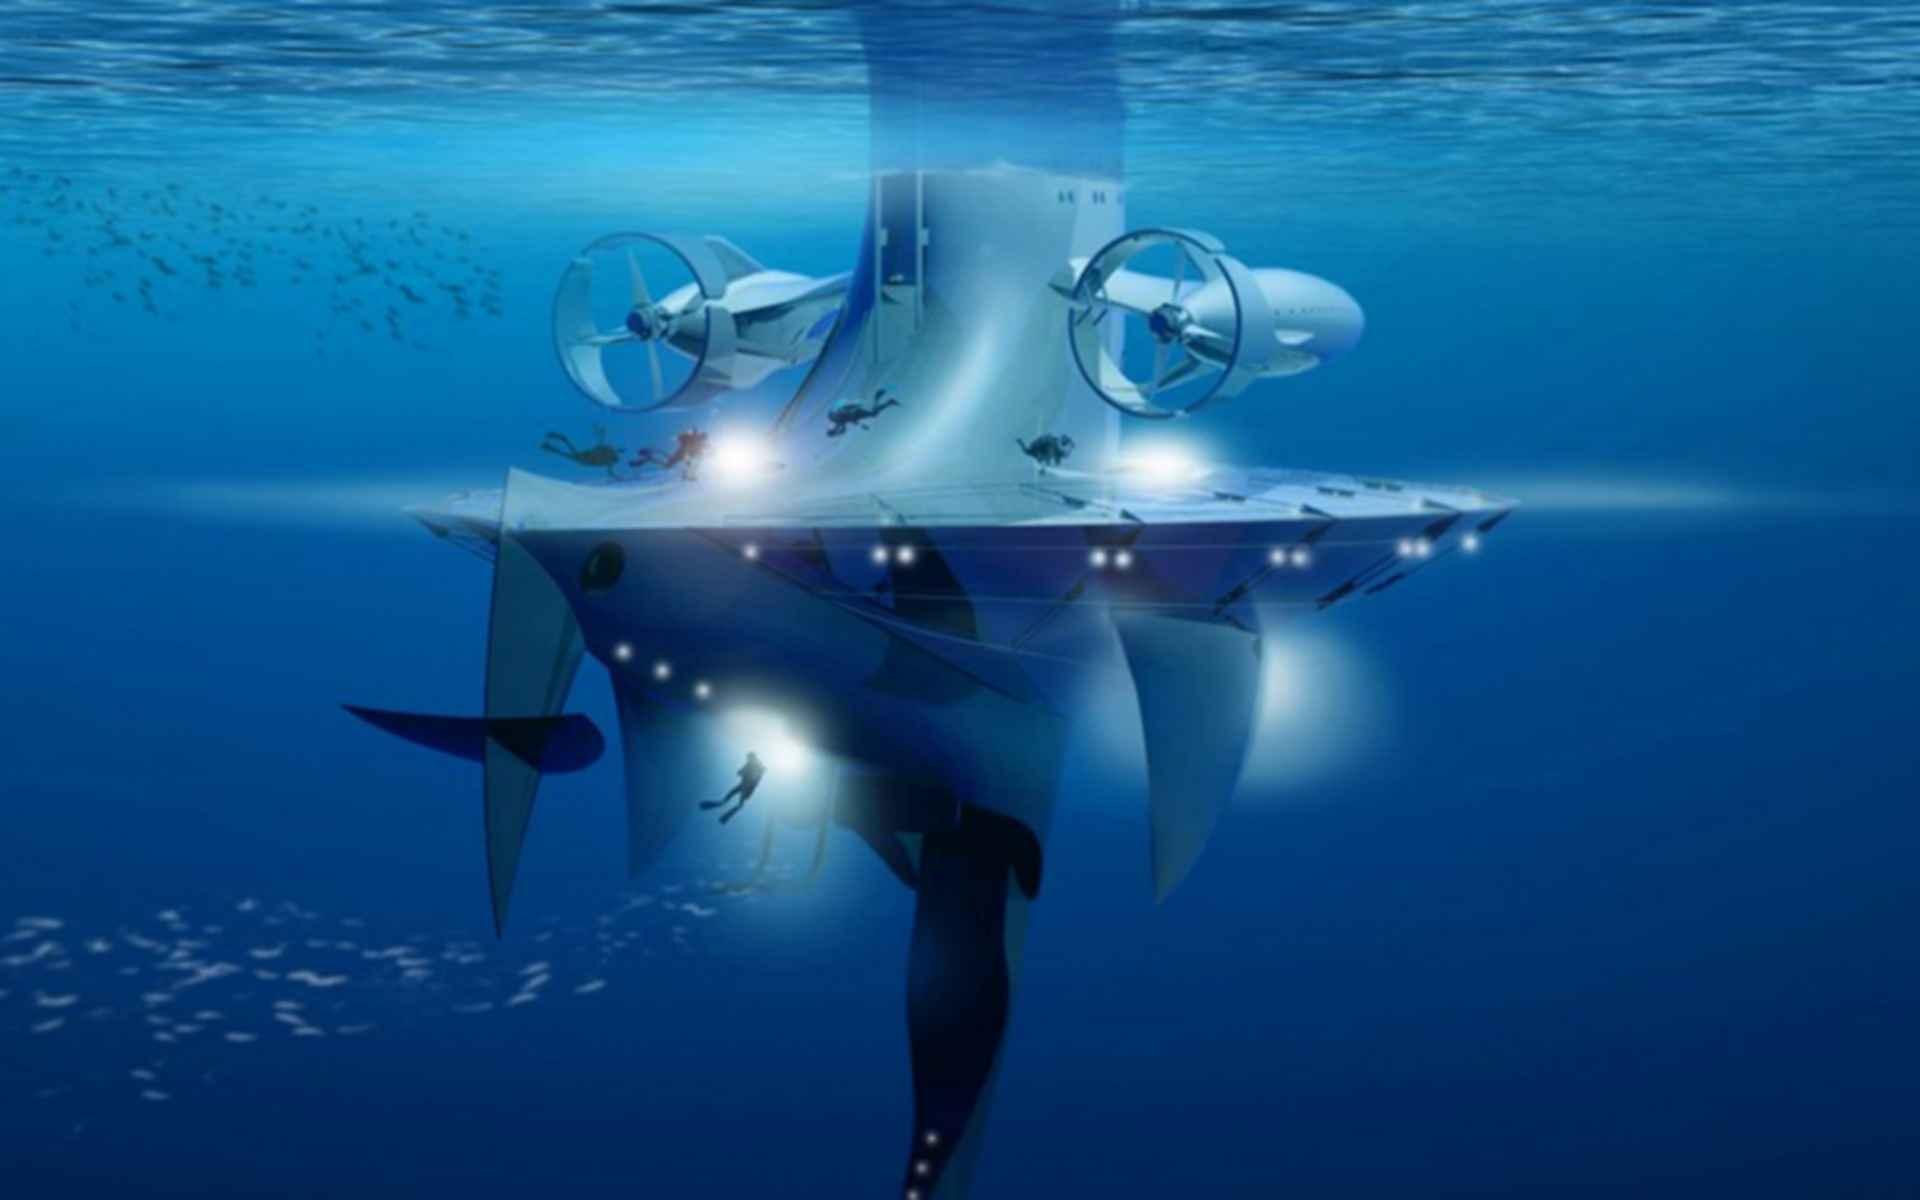 Seaorbiter Vessel - concept design